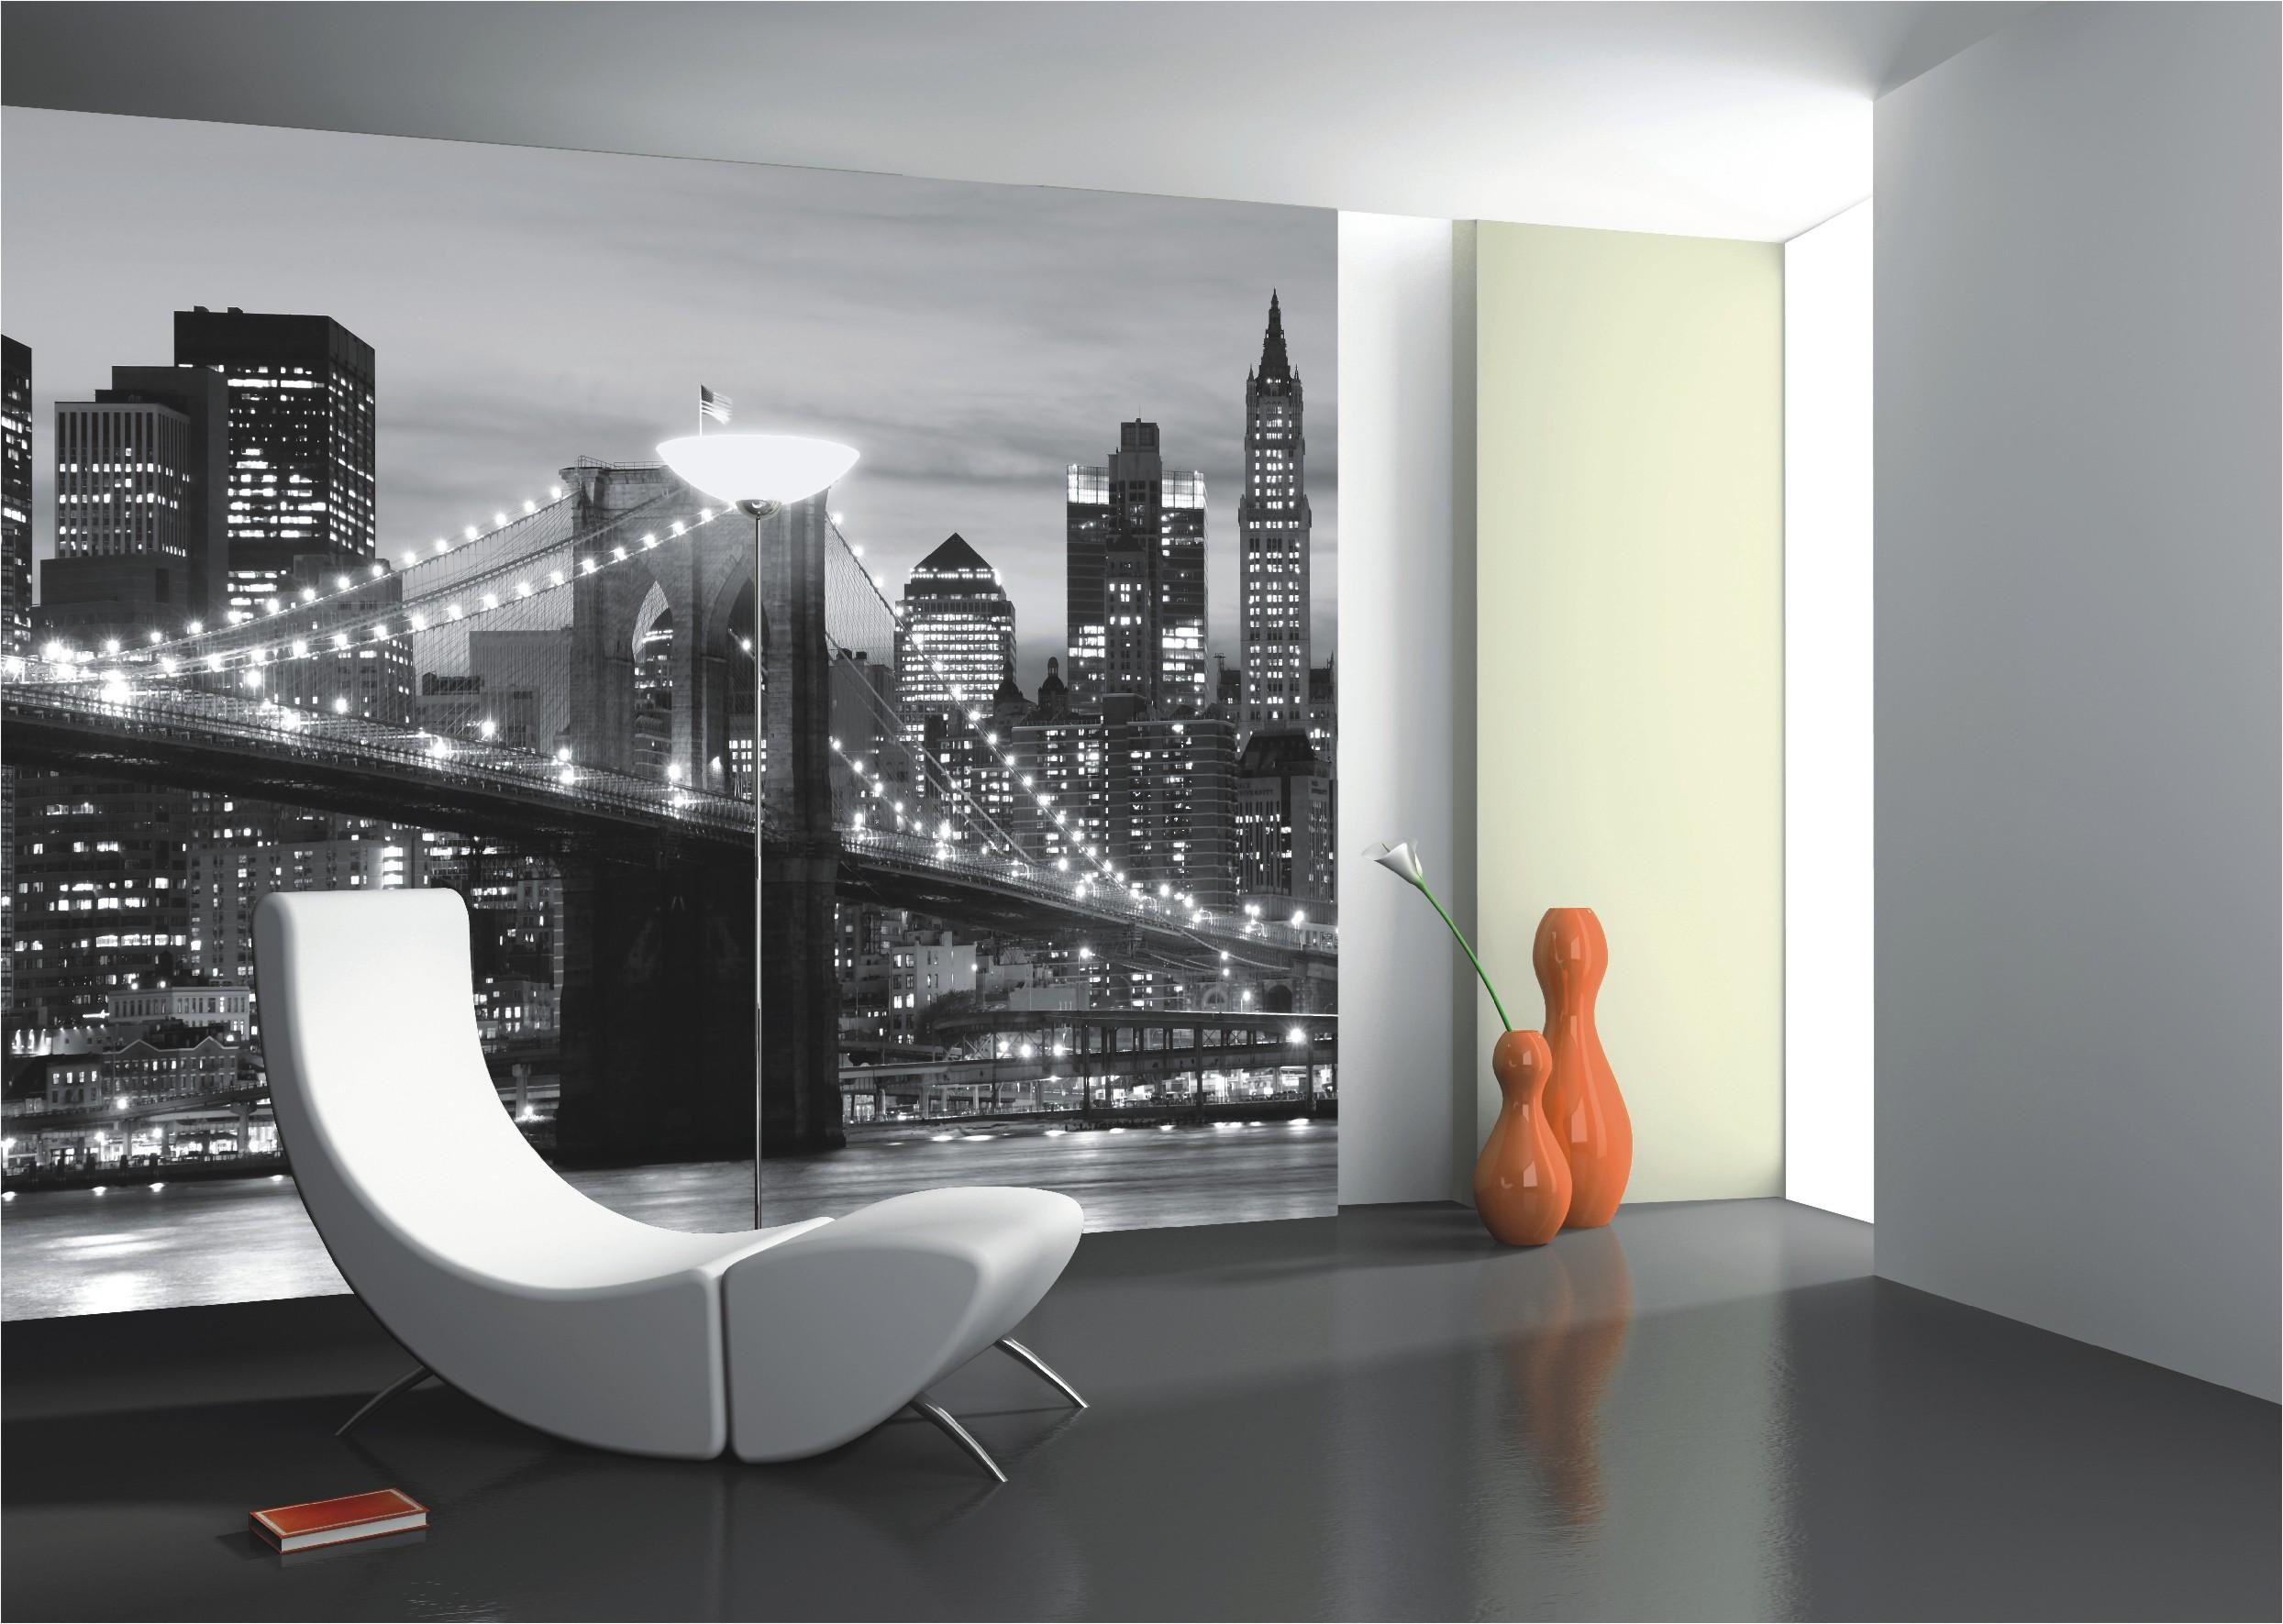 Full Size of Schöne Wohnzimmer Fototapete New York Tapete Und Schne Raumdekoration Deckenlampen Für Fototapeten Led Deckenleuchte Stehleuchte Hängelampe Schrank Tapeten Wohnzimmer Schöne Wohnzimmer